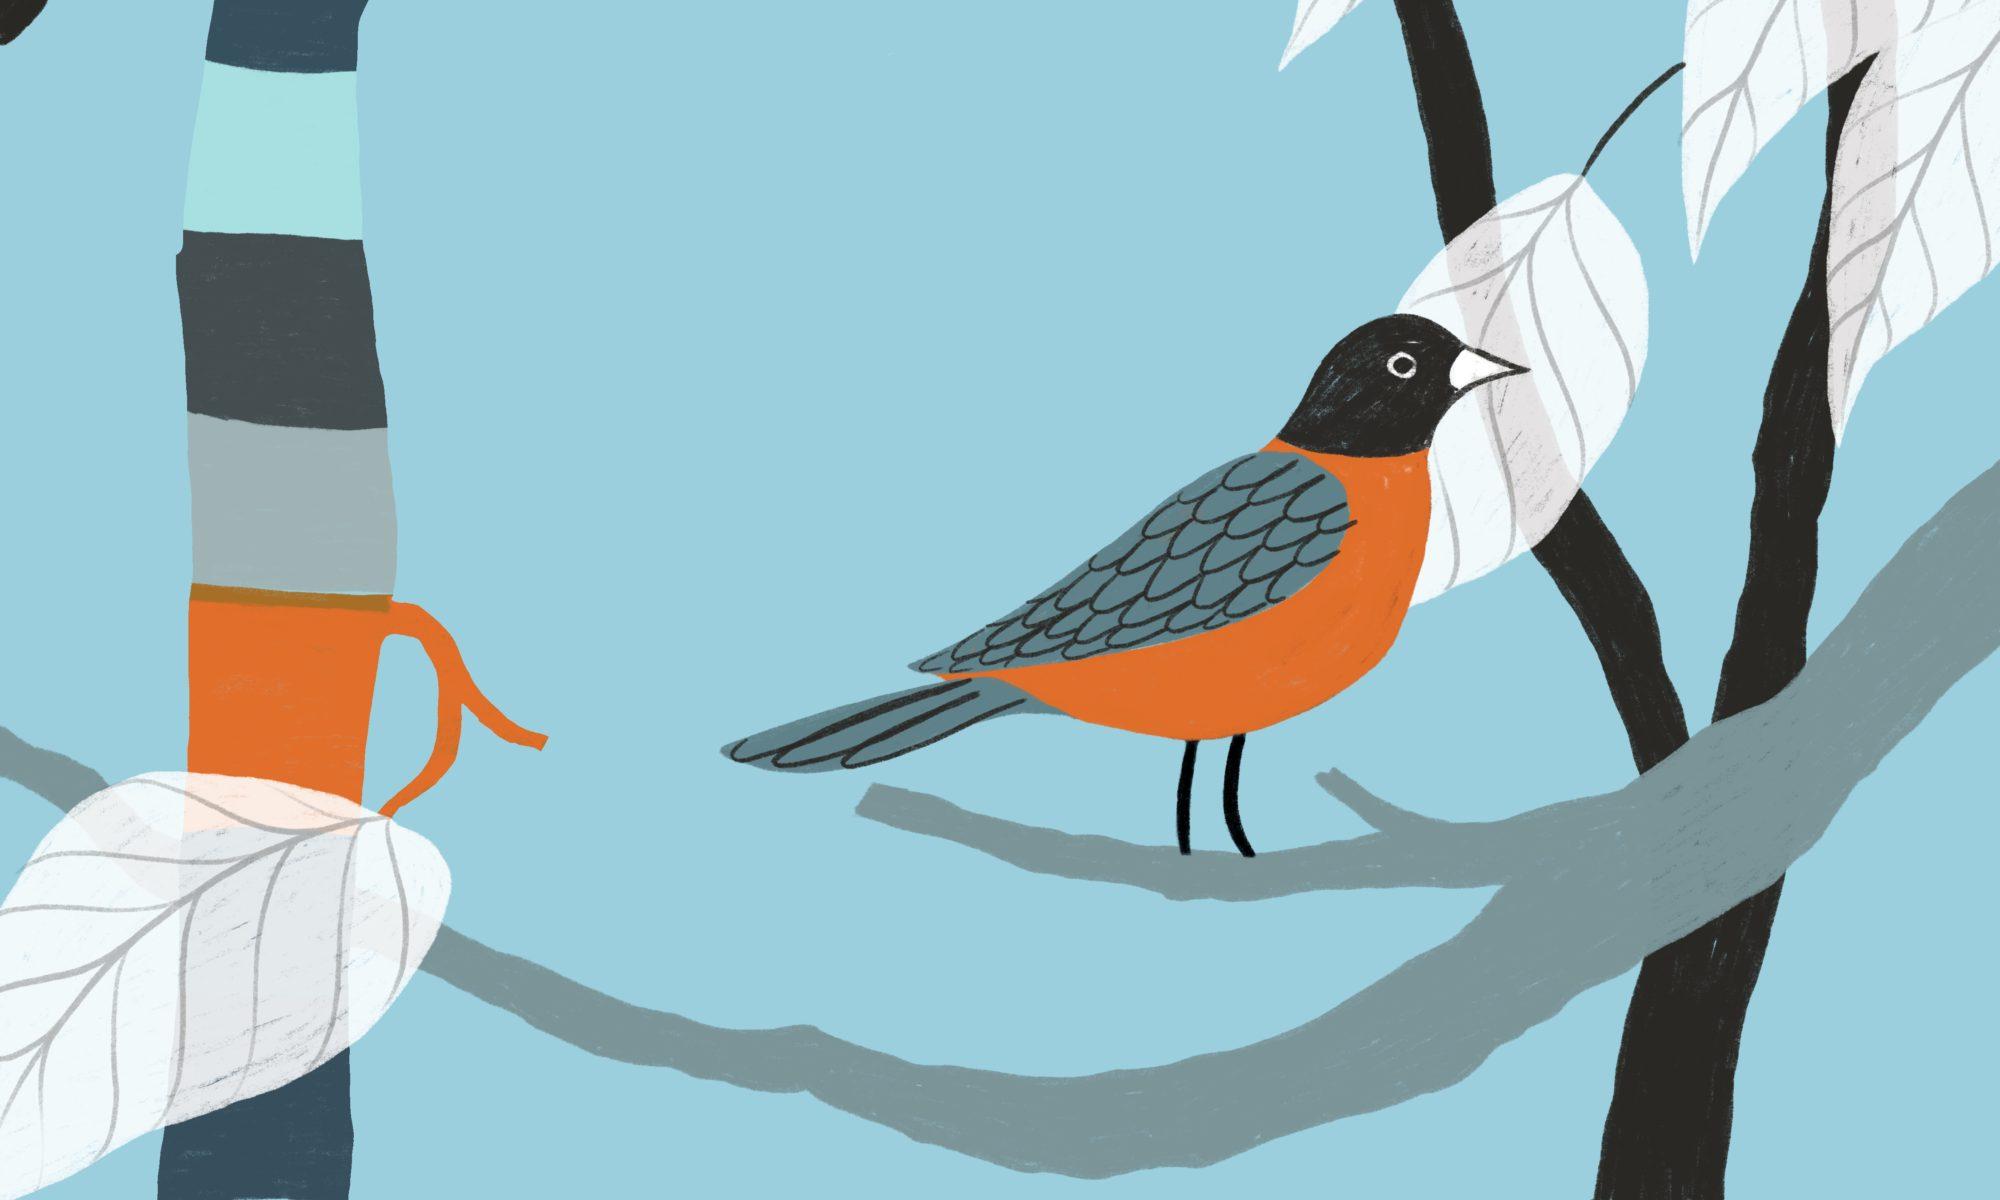 ON BEING A RARE BIRD: ESTEEMED SCIENTIST DR. DREW LANHAM TO PRESENT AT ANNUAL WEGE SPEAKER SERIES